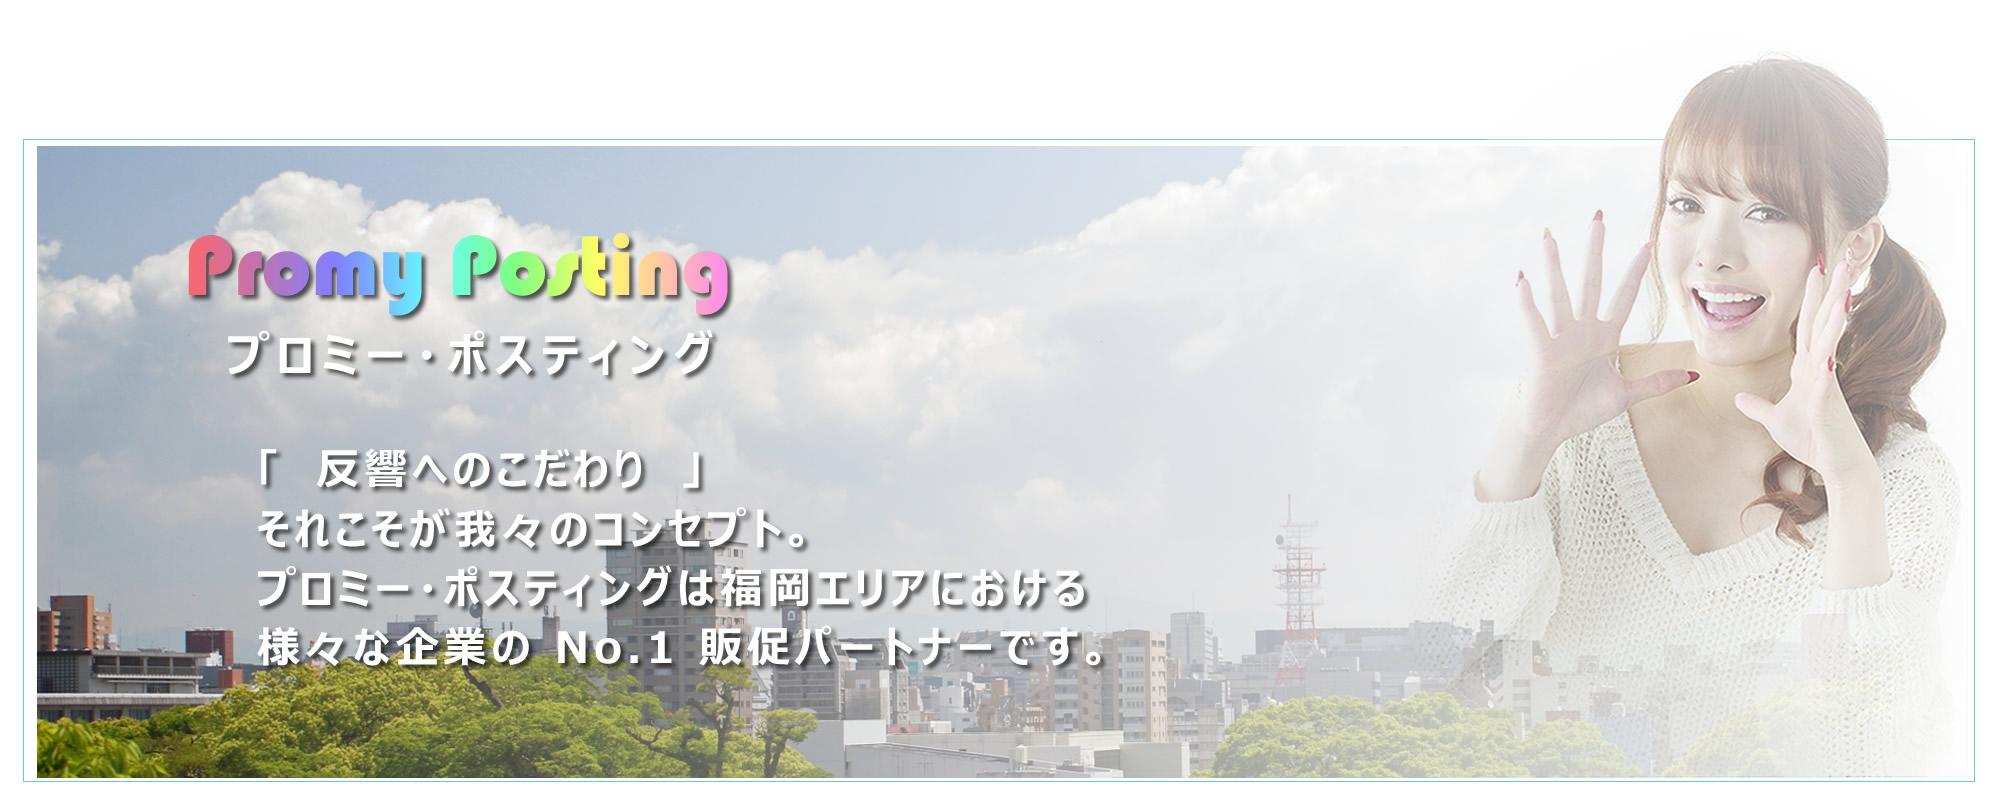 プロミー・ポスティング:「反響へのこだわり」をコンセプト。福岡エリアのNO.1販促パートナーです。